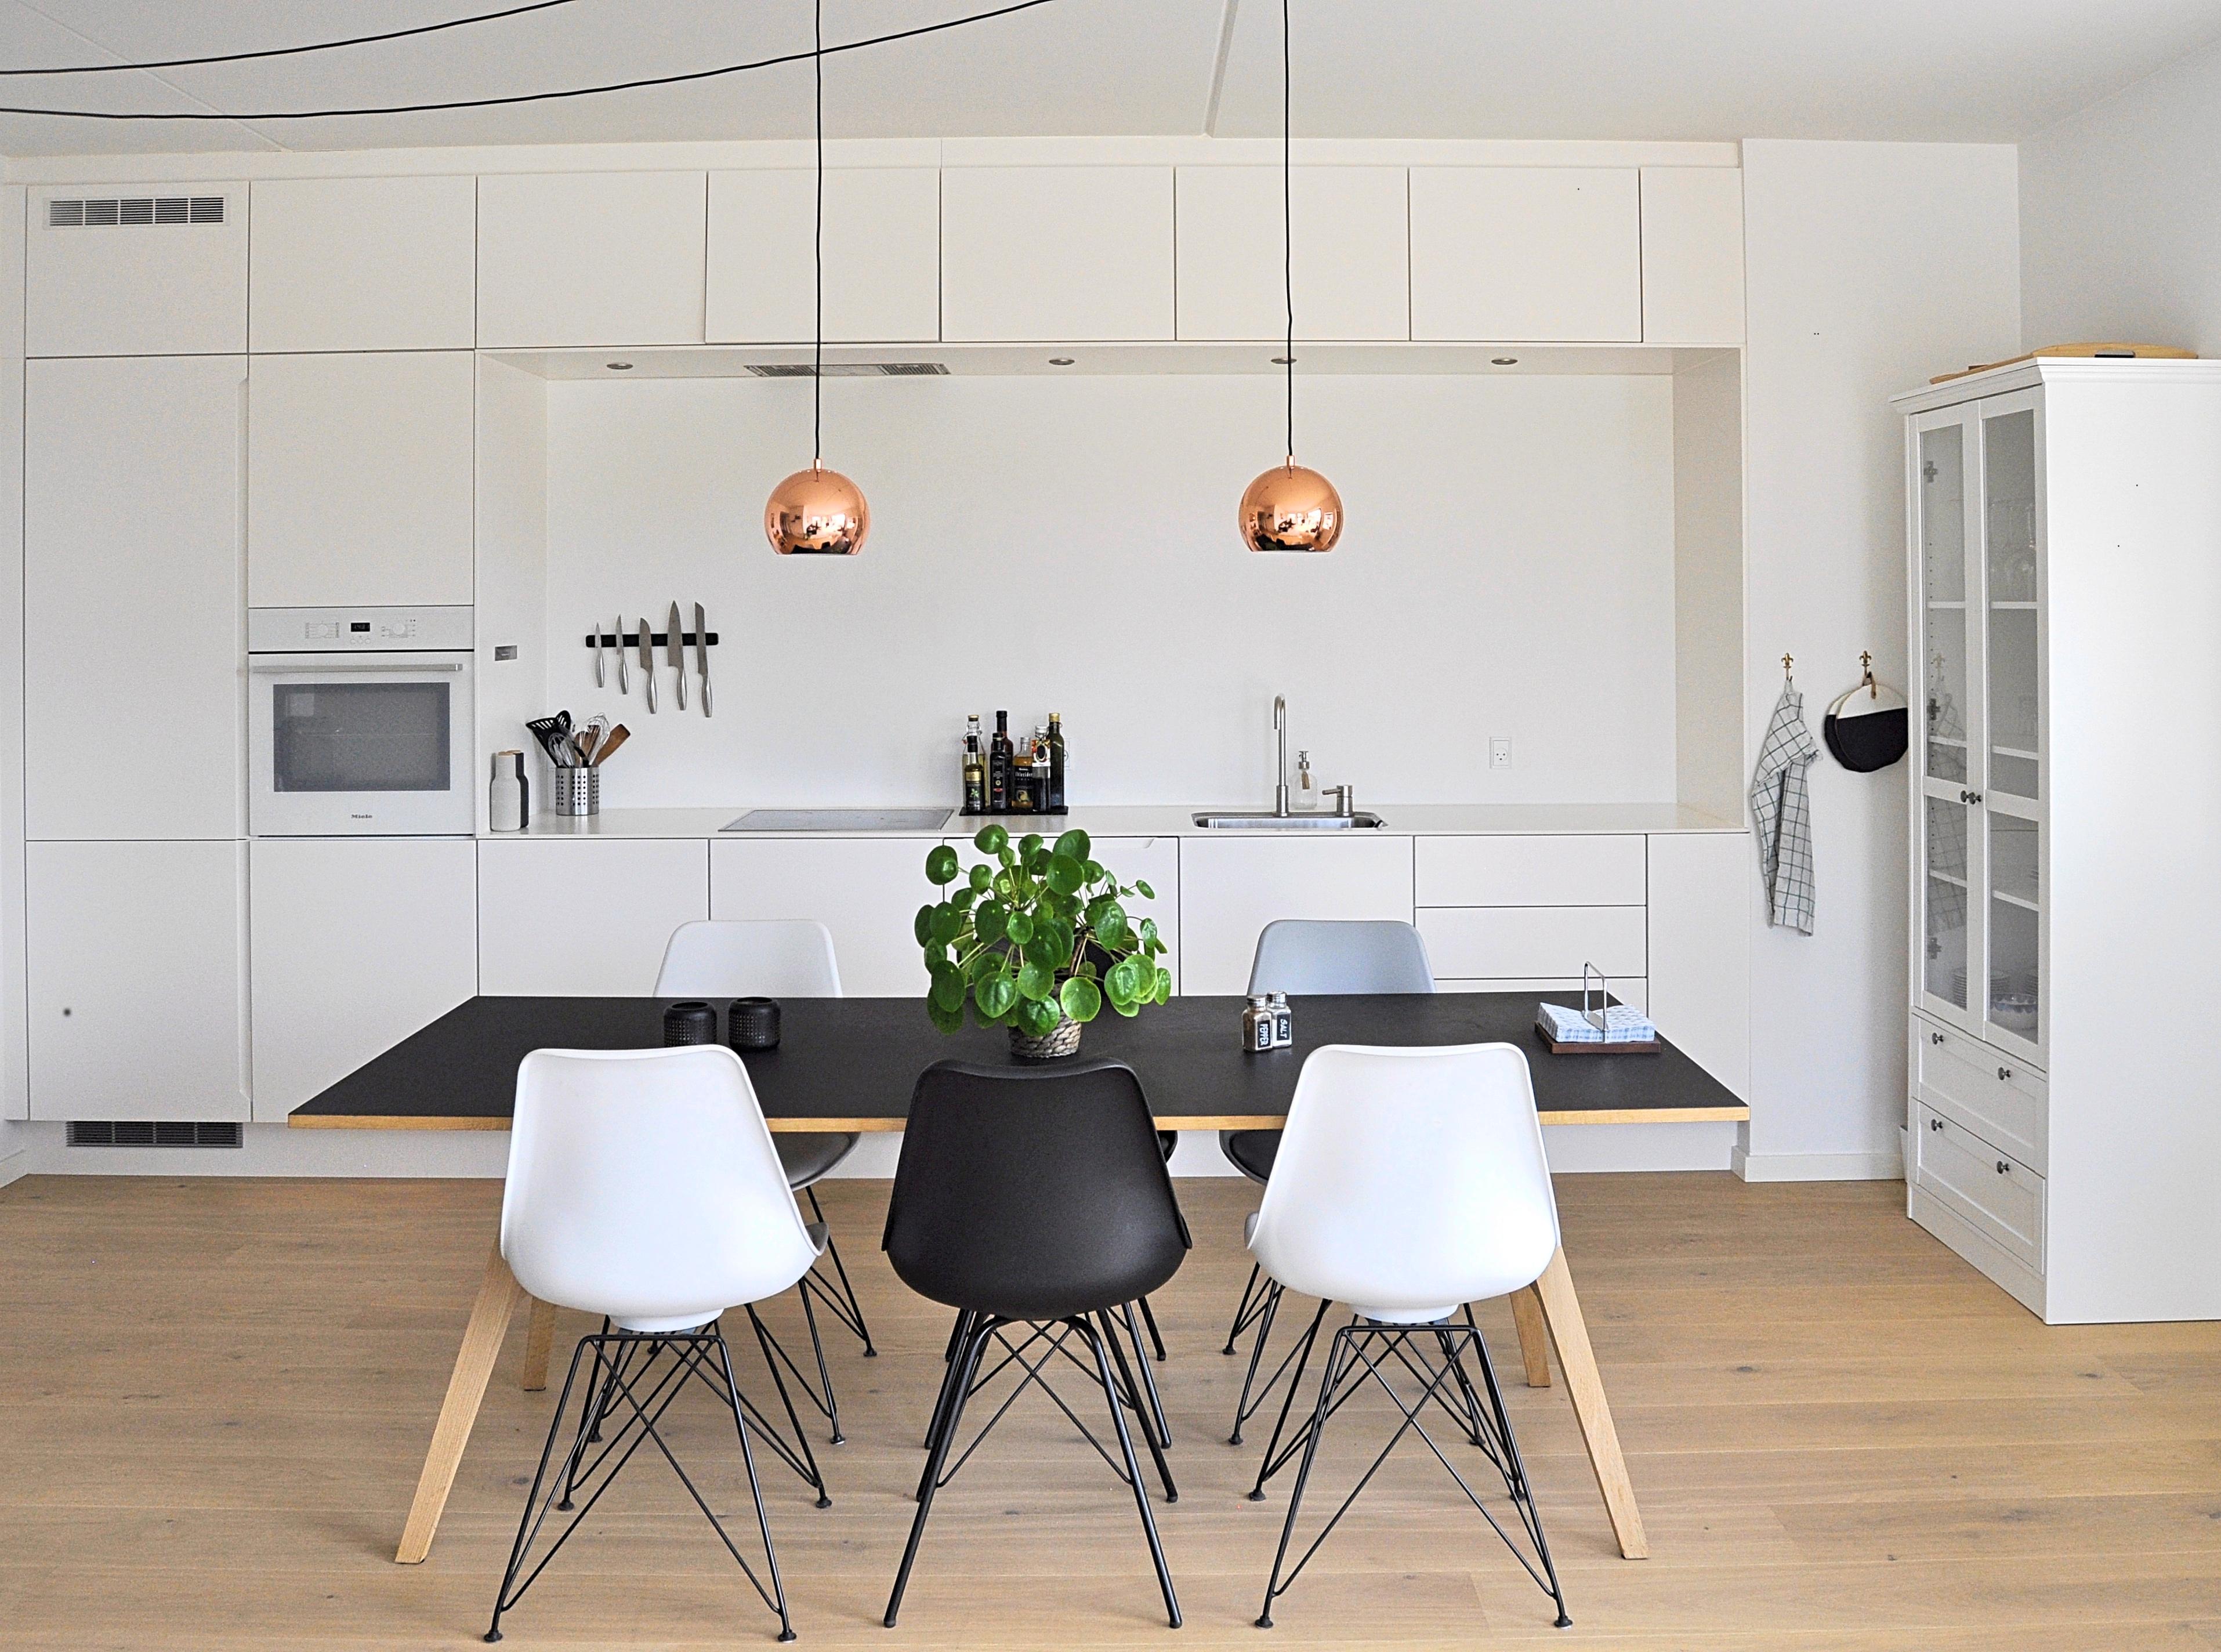 Sådan indretter du dit hjem minimalistisk